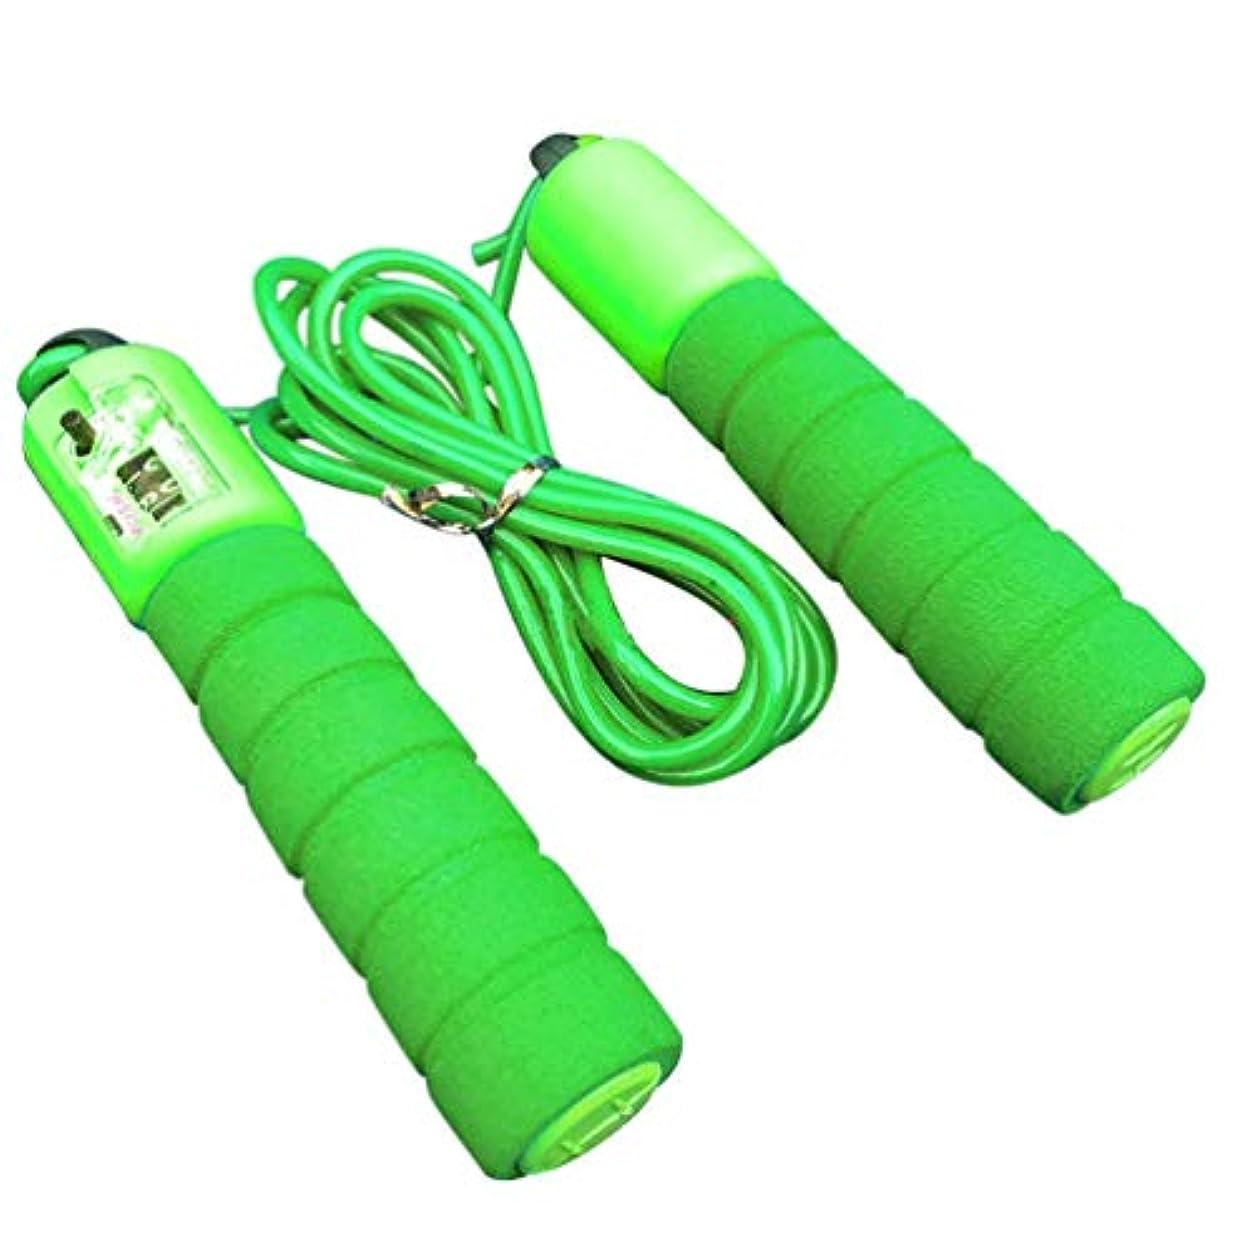 ショット不測の事態知覚する調節可能なプロフェッショナルカウント縄跳び自動カウントジャンプロープフィットネス運動高速カウントジャンプロープ - グリーン